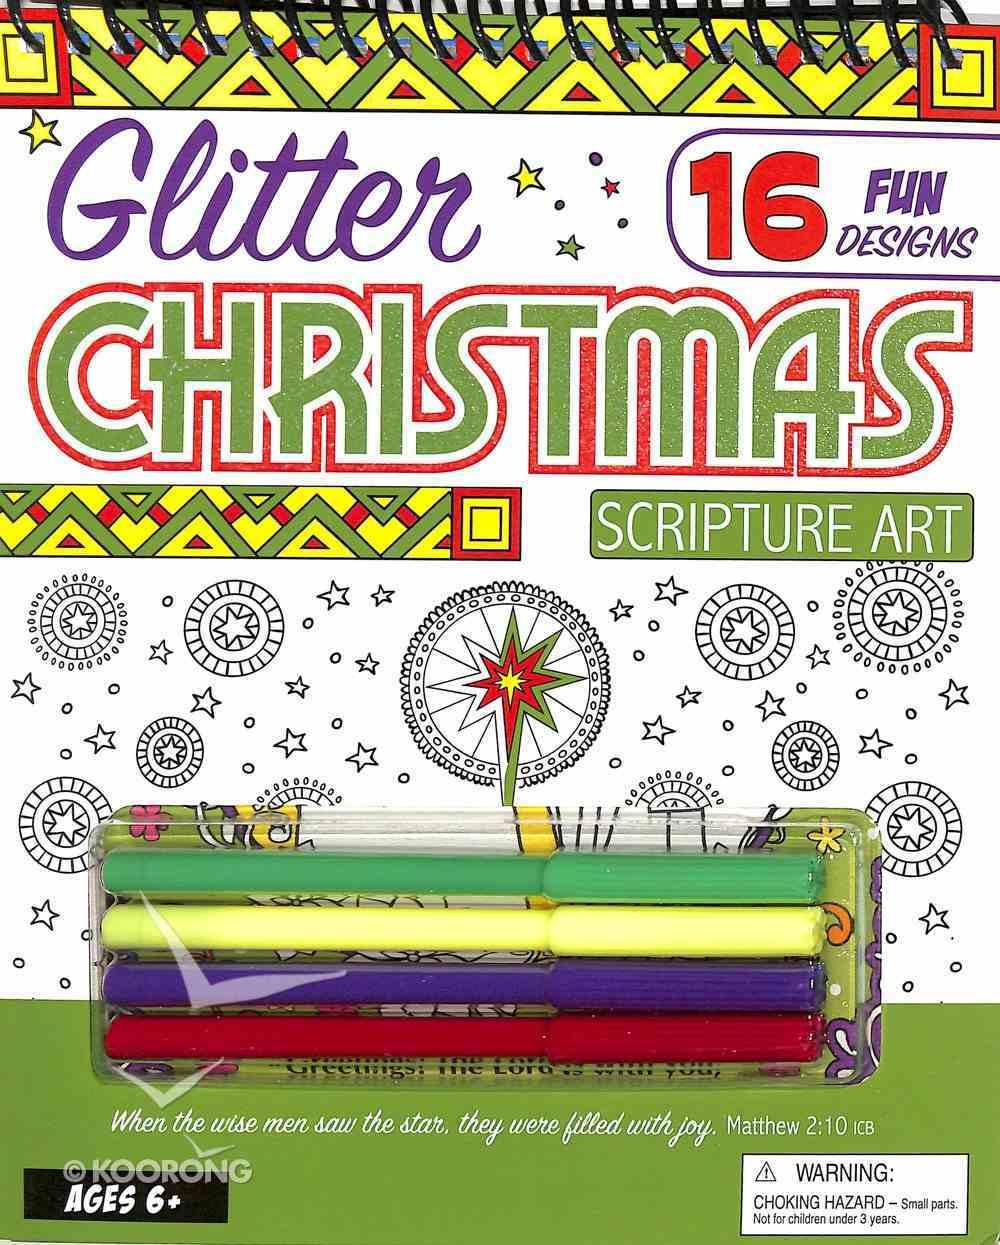 Glitter Christmas Scripture Art: 16 Fun Designs Spiral